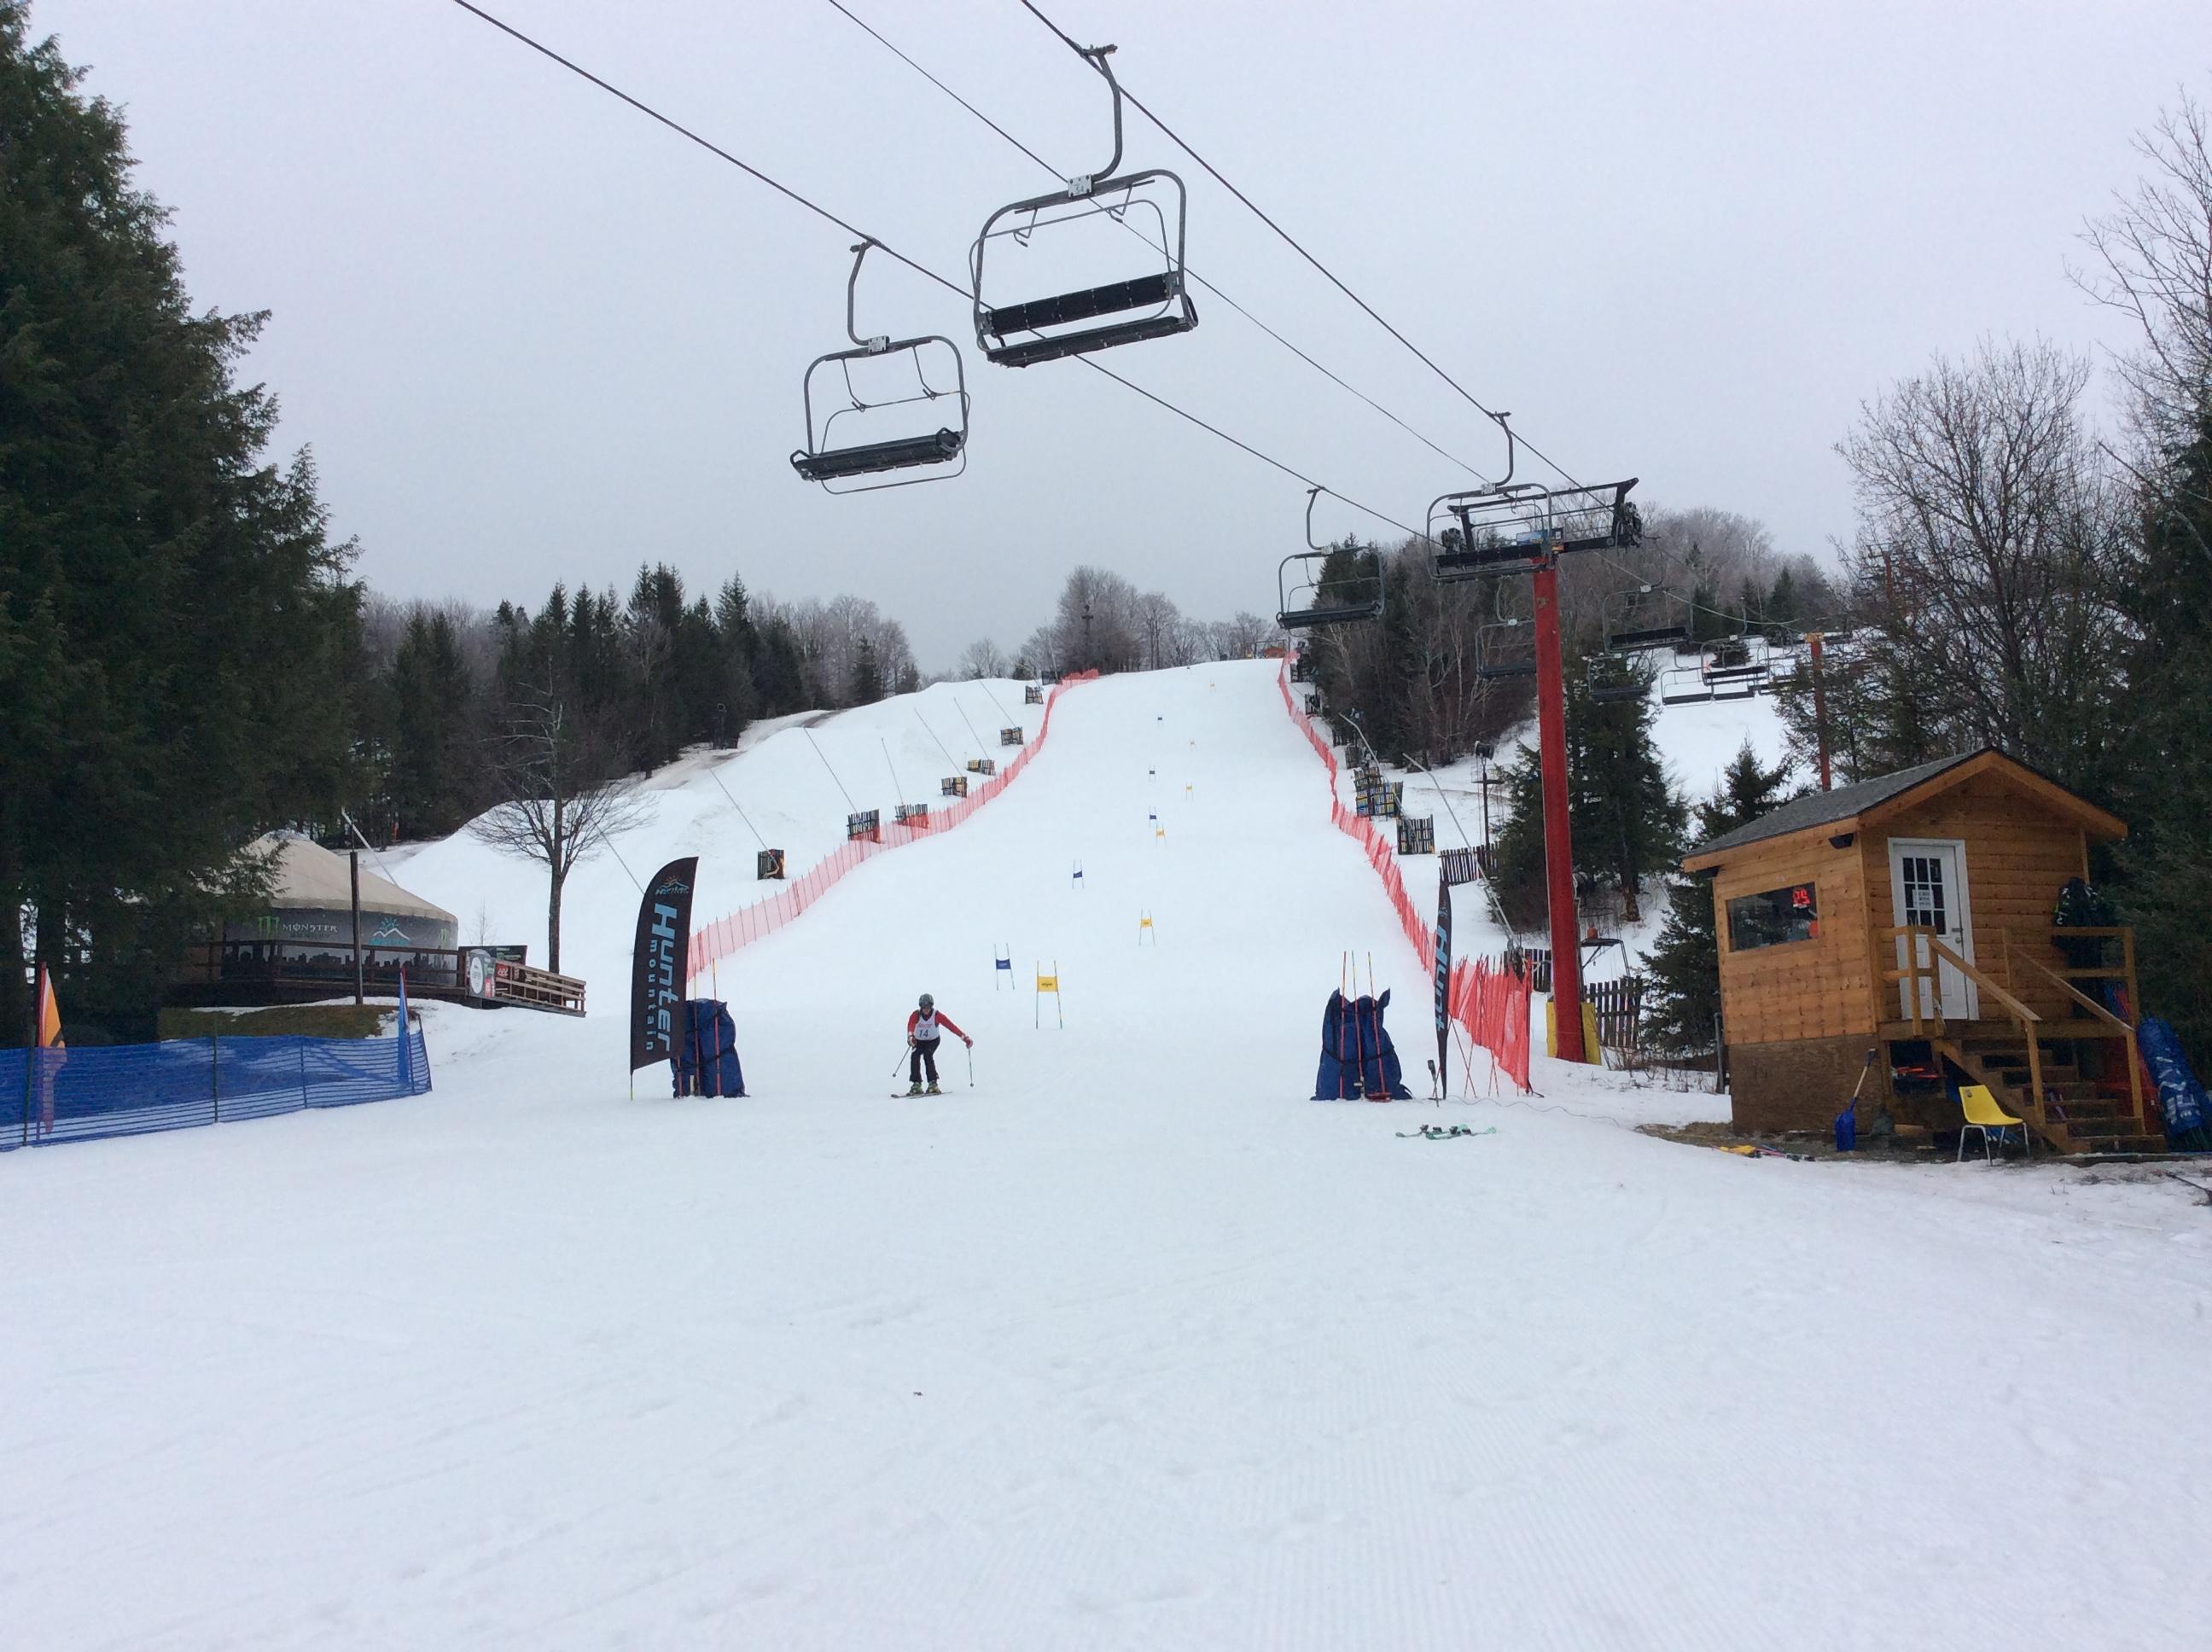 nypd-ski-club_31553677154_o